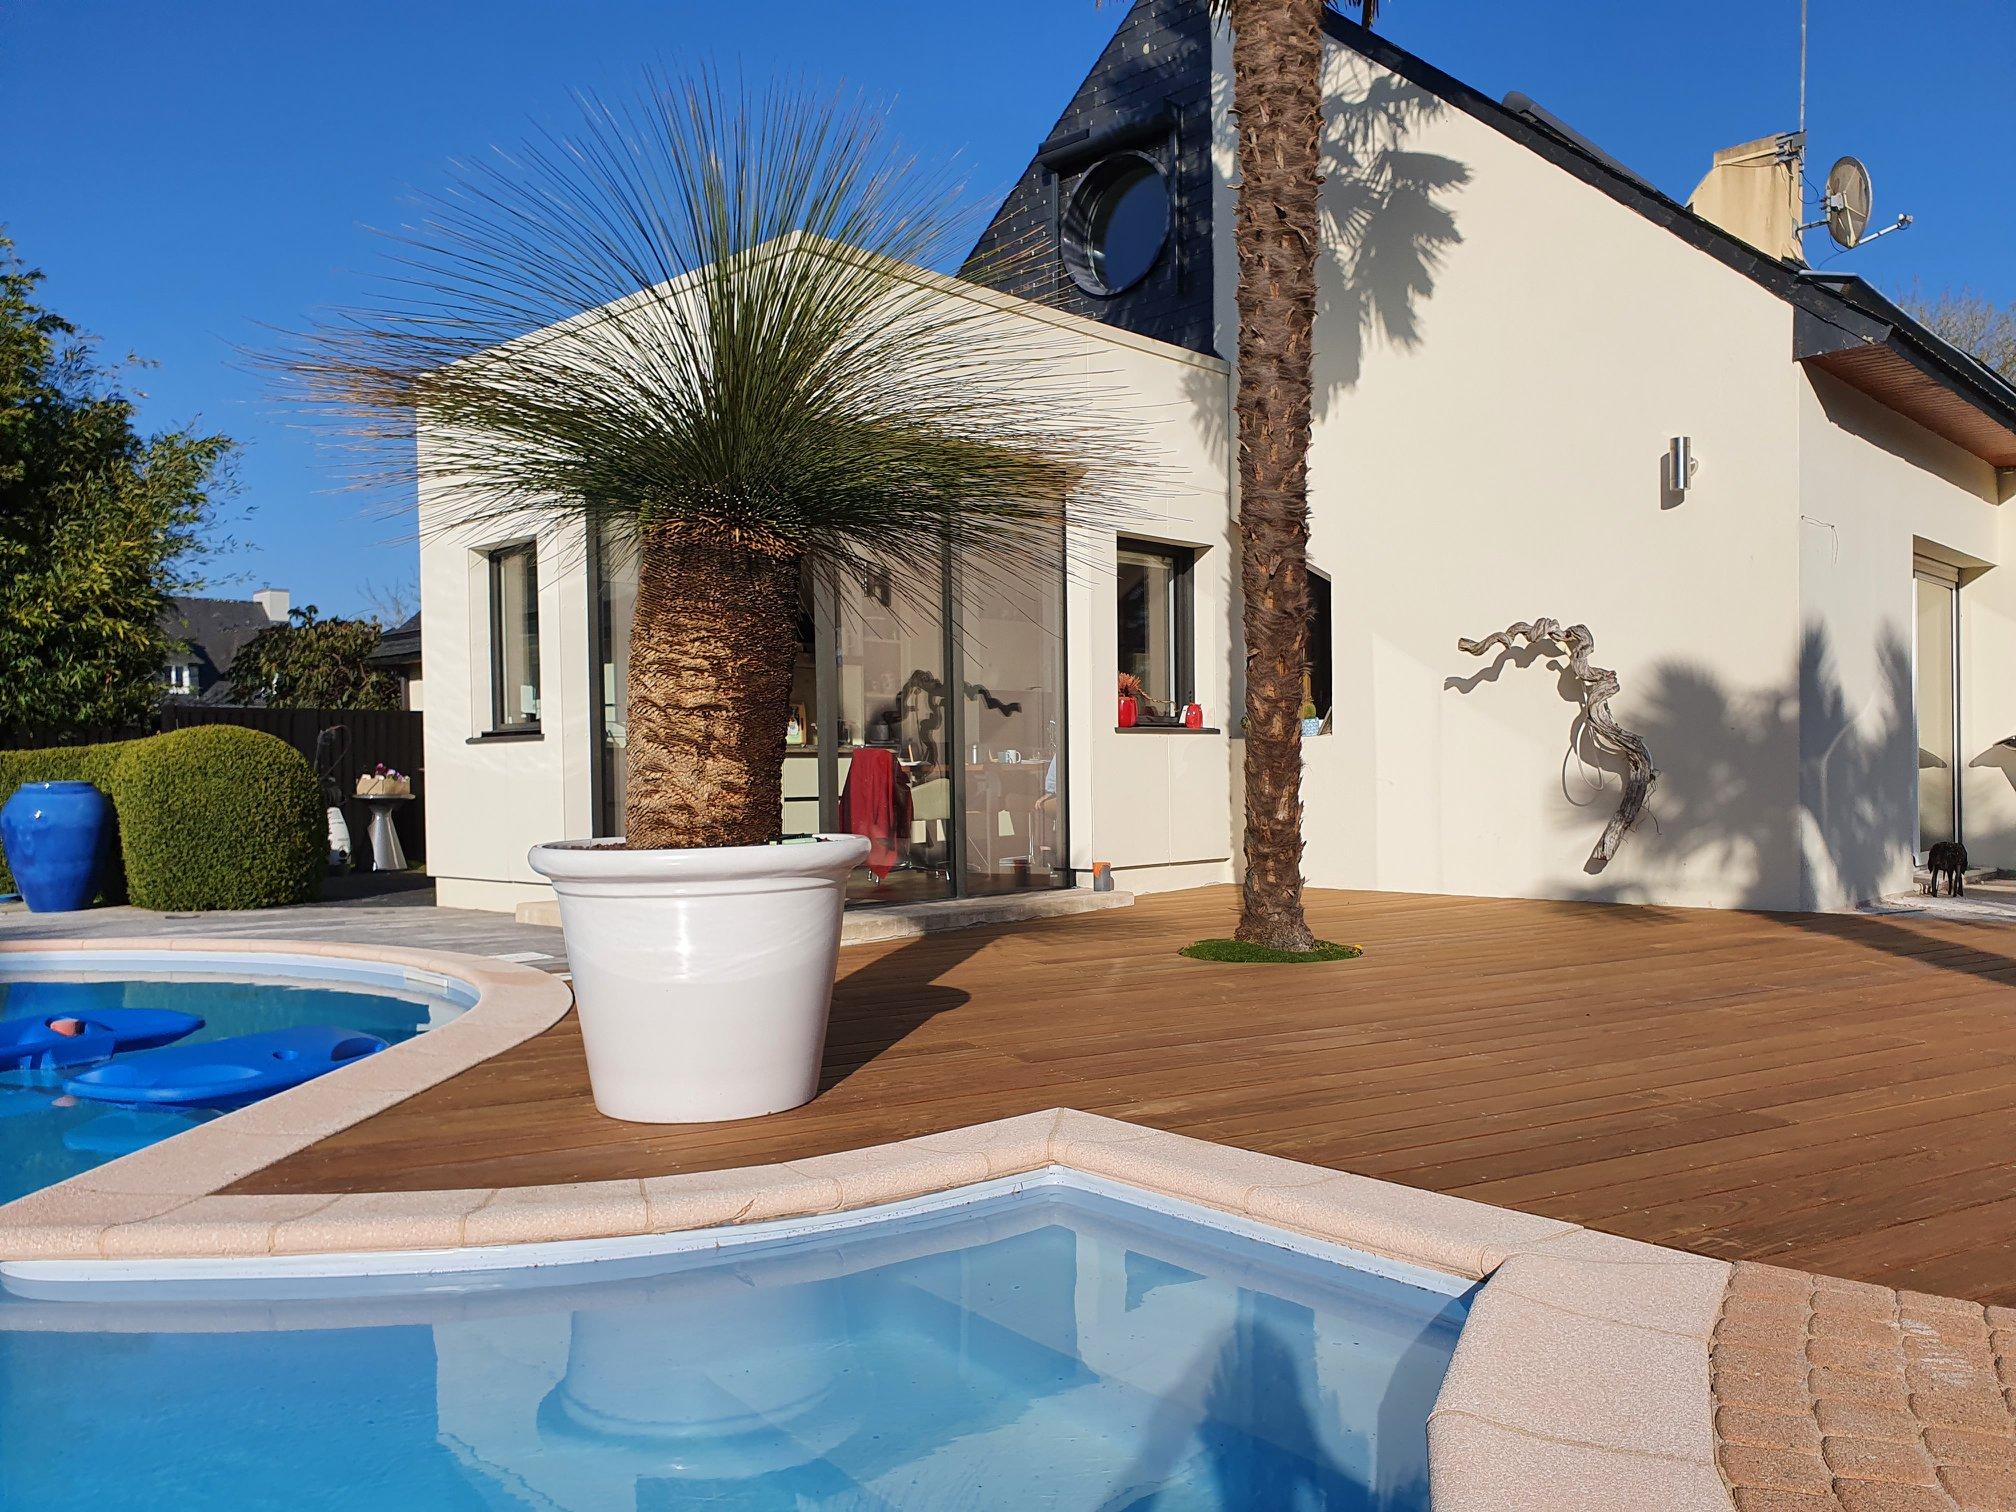 1626336338 331 Realisation dune terrasse en Ipe posee sur plots - Réalisation d'une terrasse en Ipé posée sur plots ...